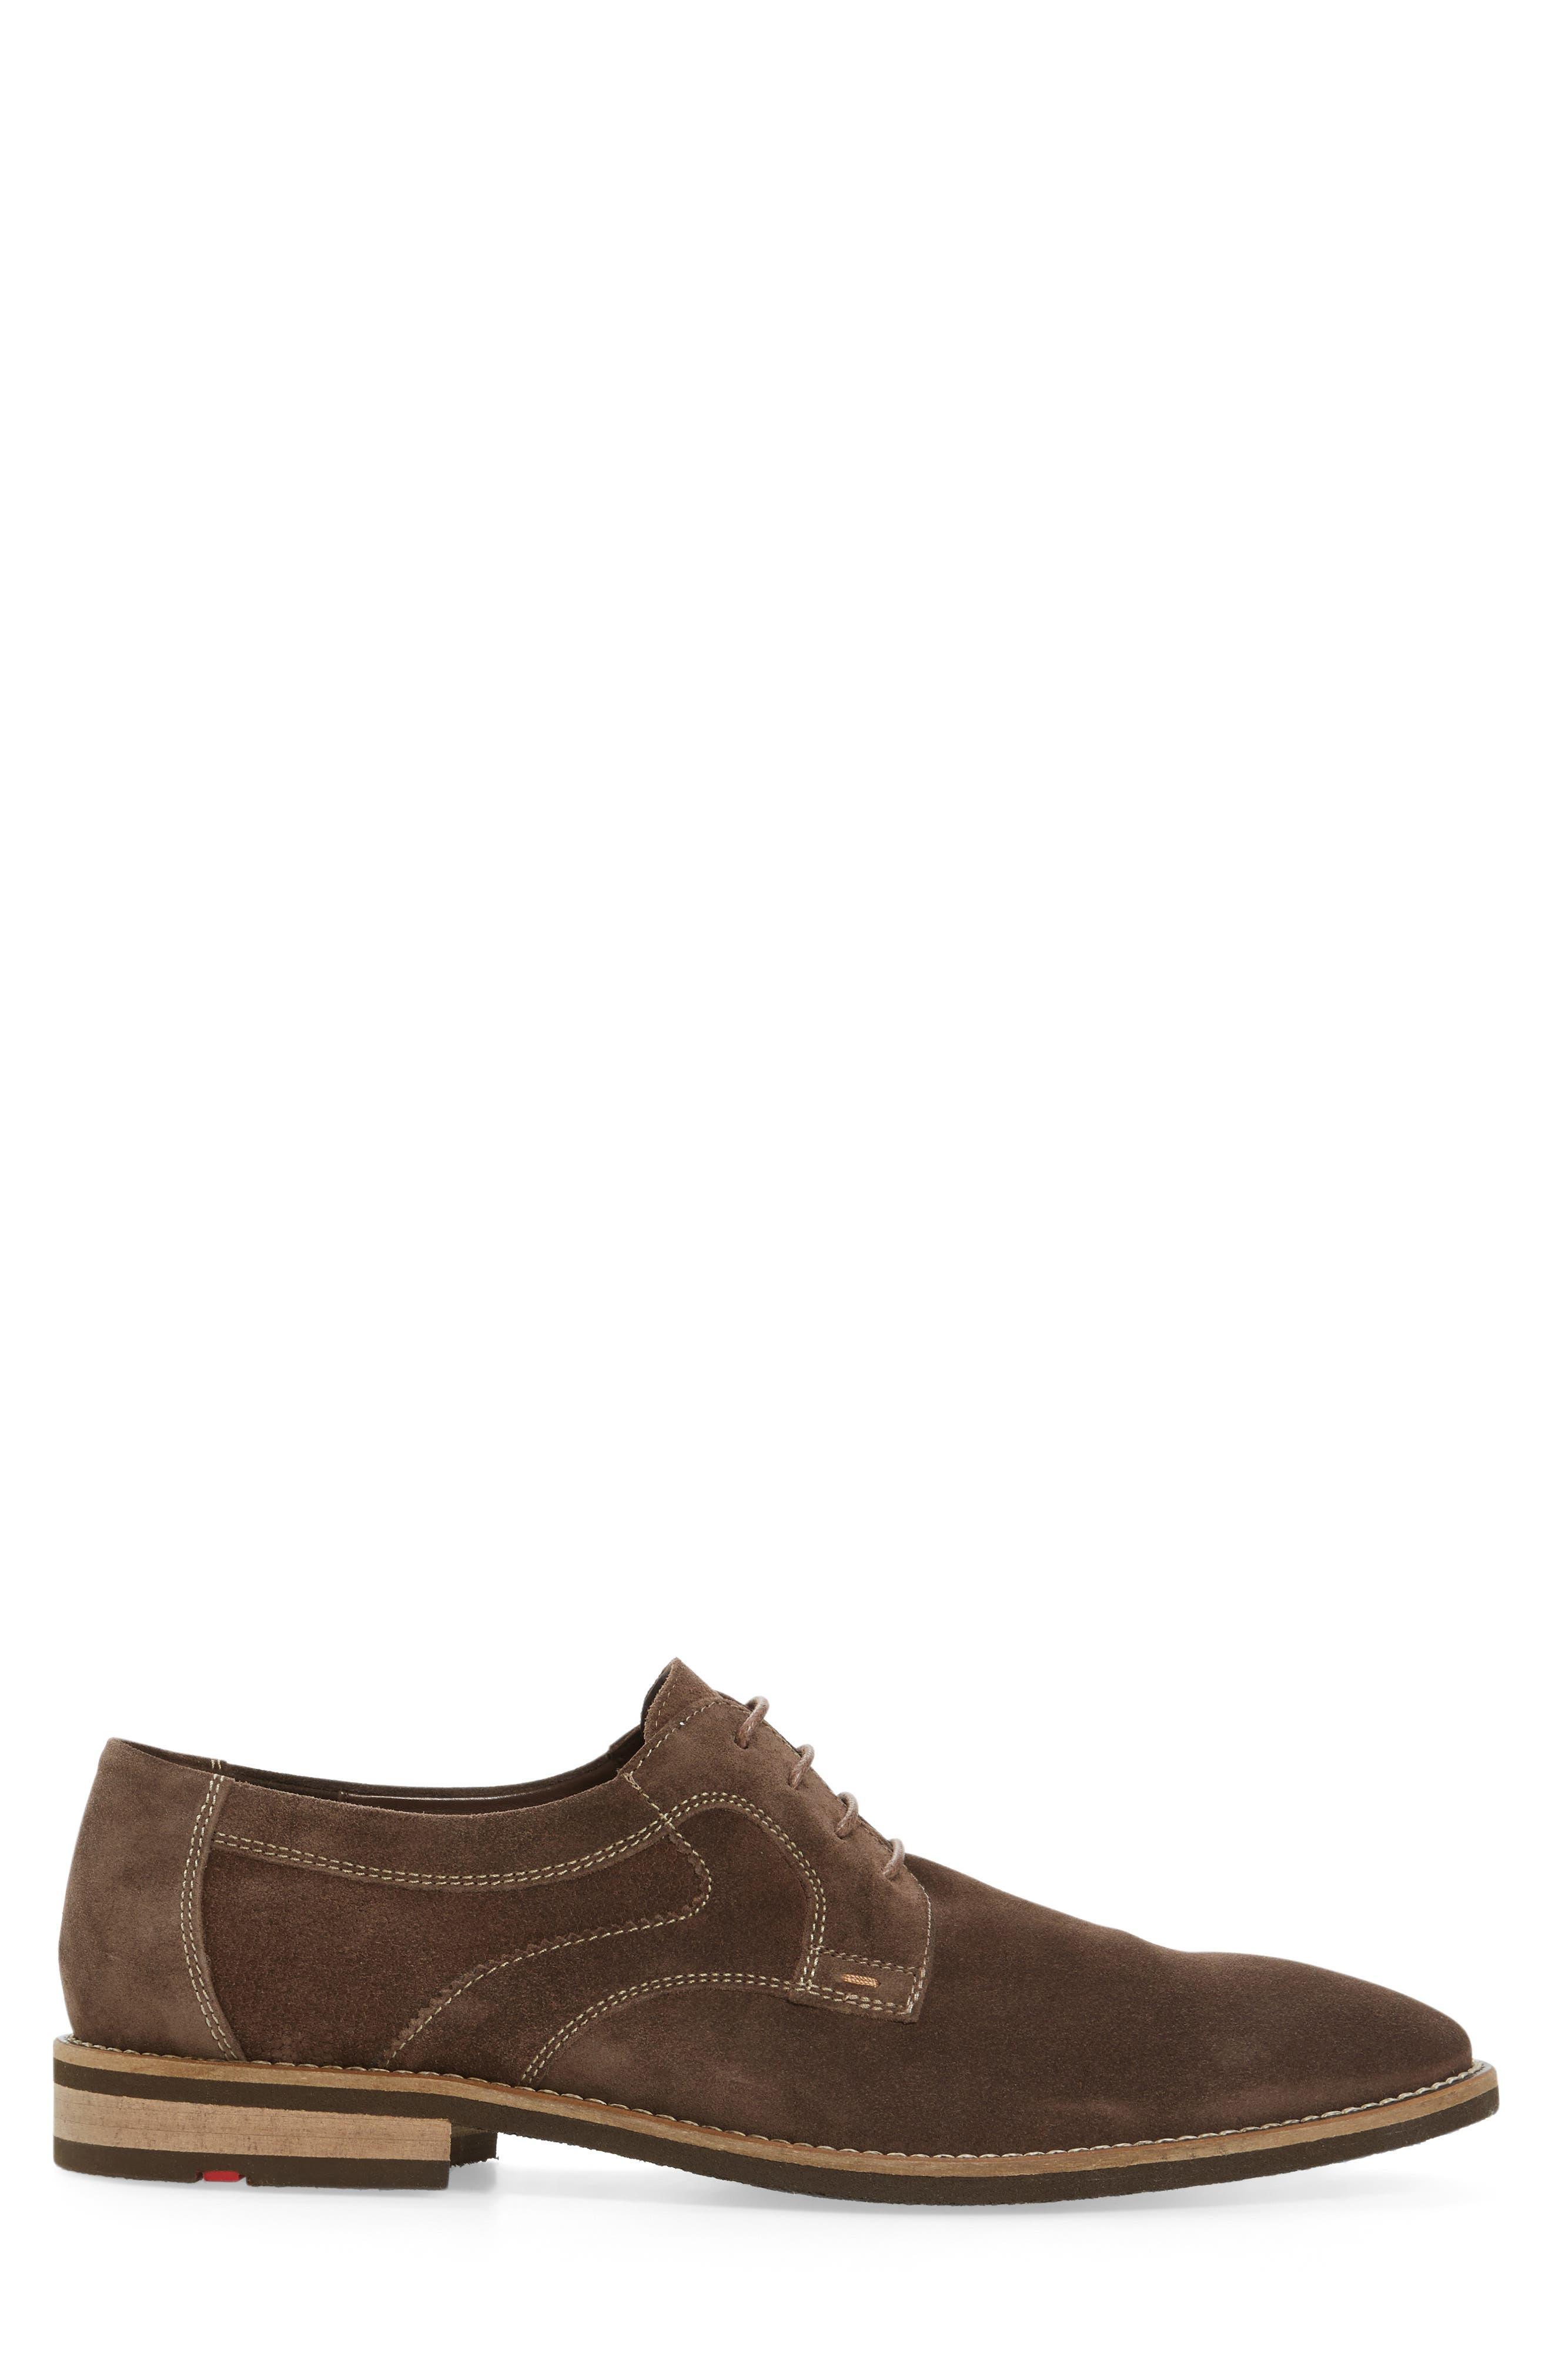 Haarlem Buck Shoe,                             Alternate thumbnail 3, color,                             Noce Brown